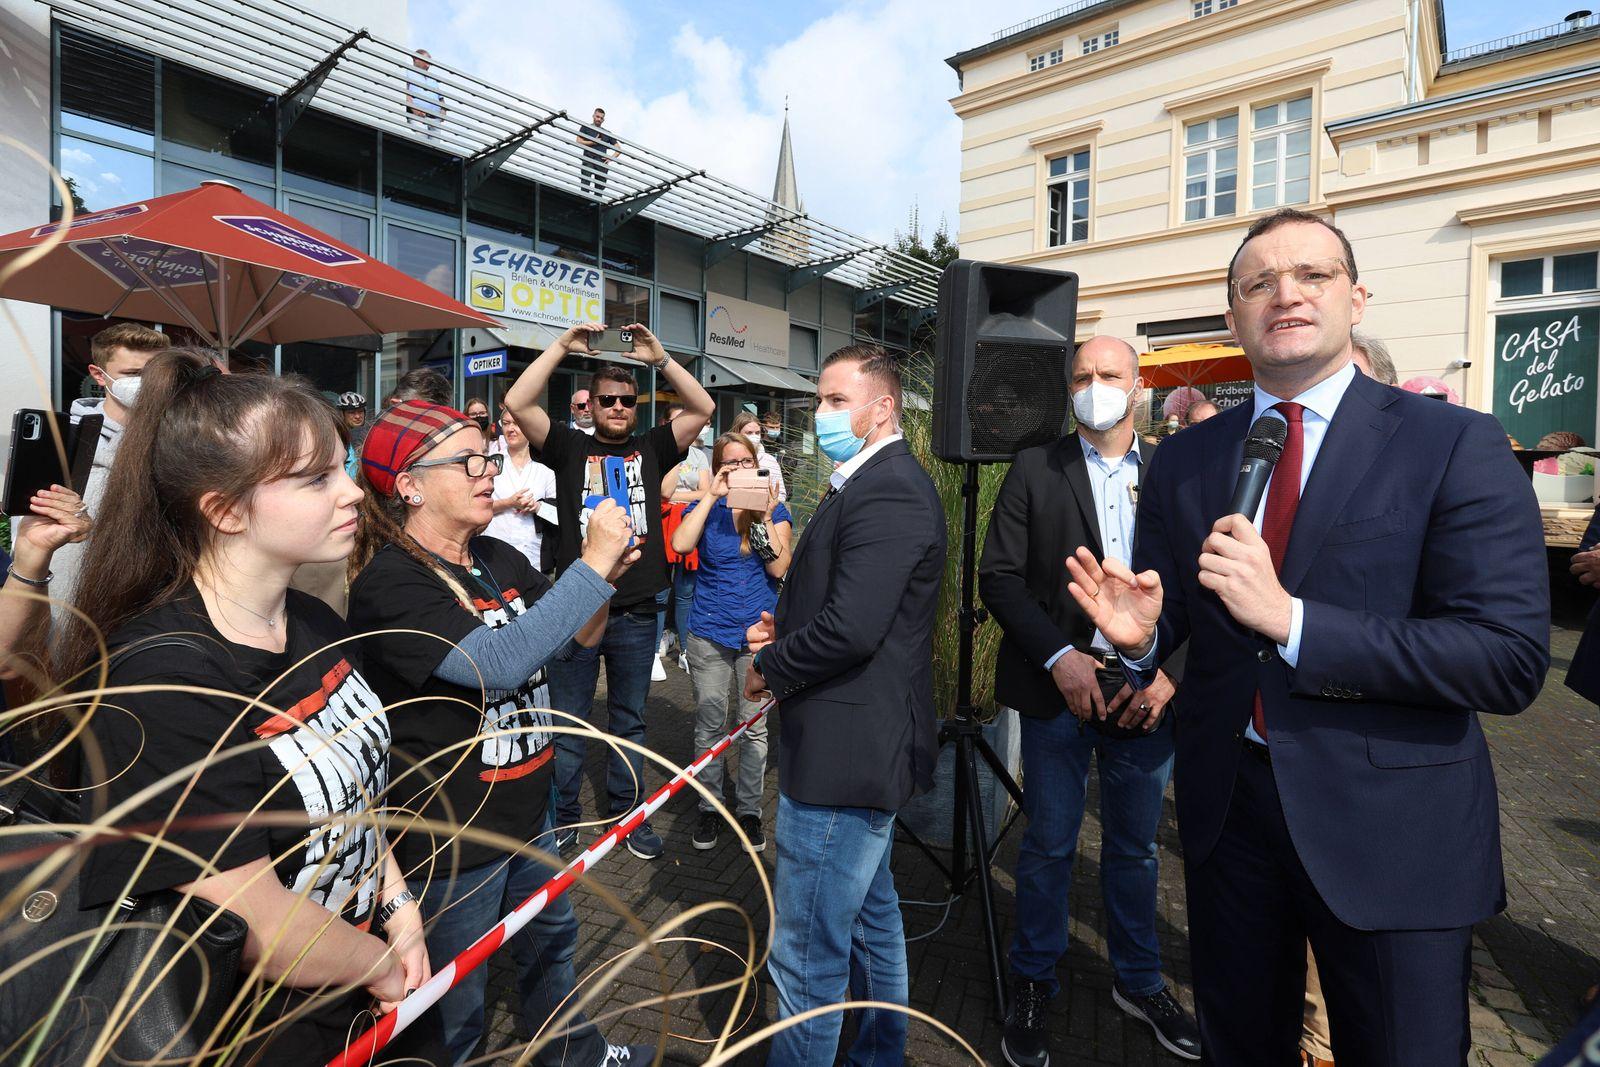 Bundesminister fuer (für) Gesundheit Jens Spahn (CDU) (re.) diskutiert u.a. mit Impfgegnern Wahlkampfveranstaltung in Rh